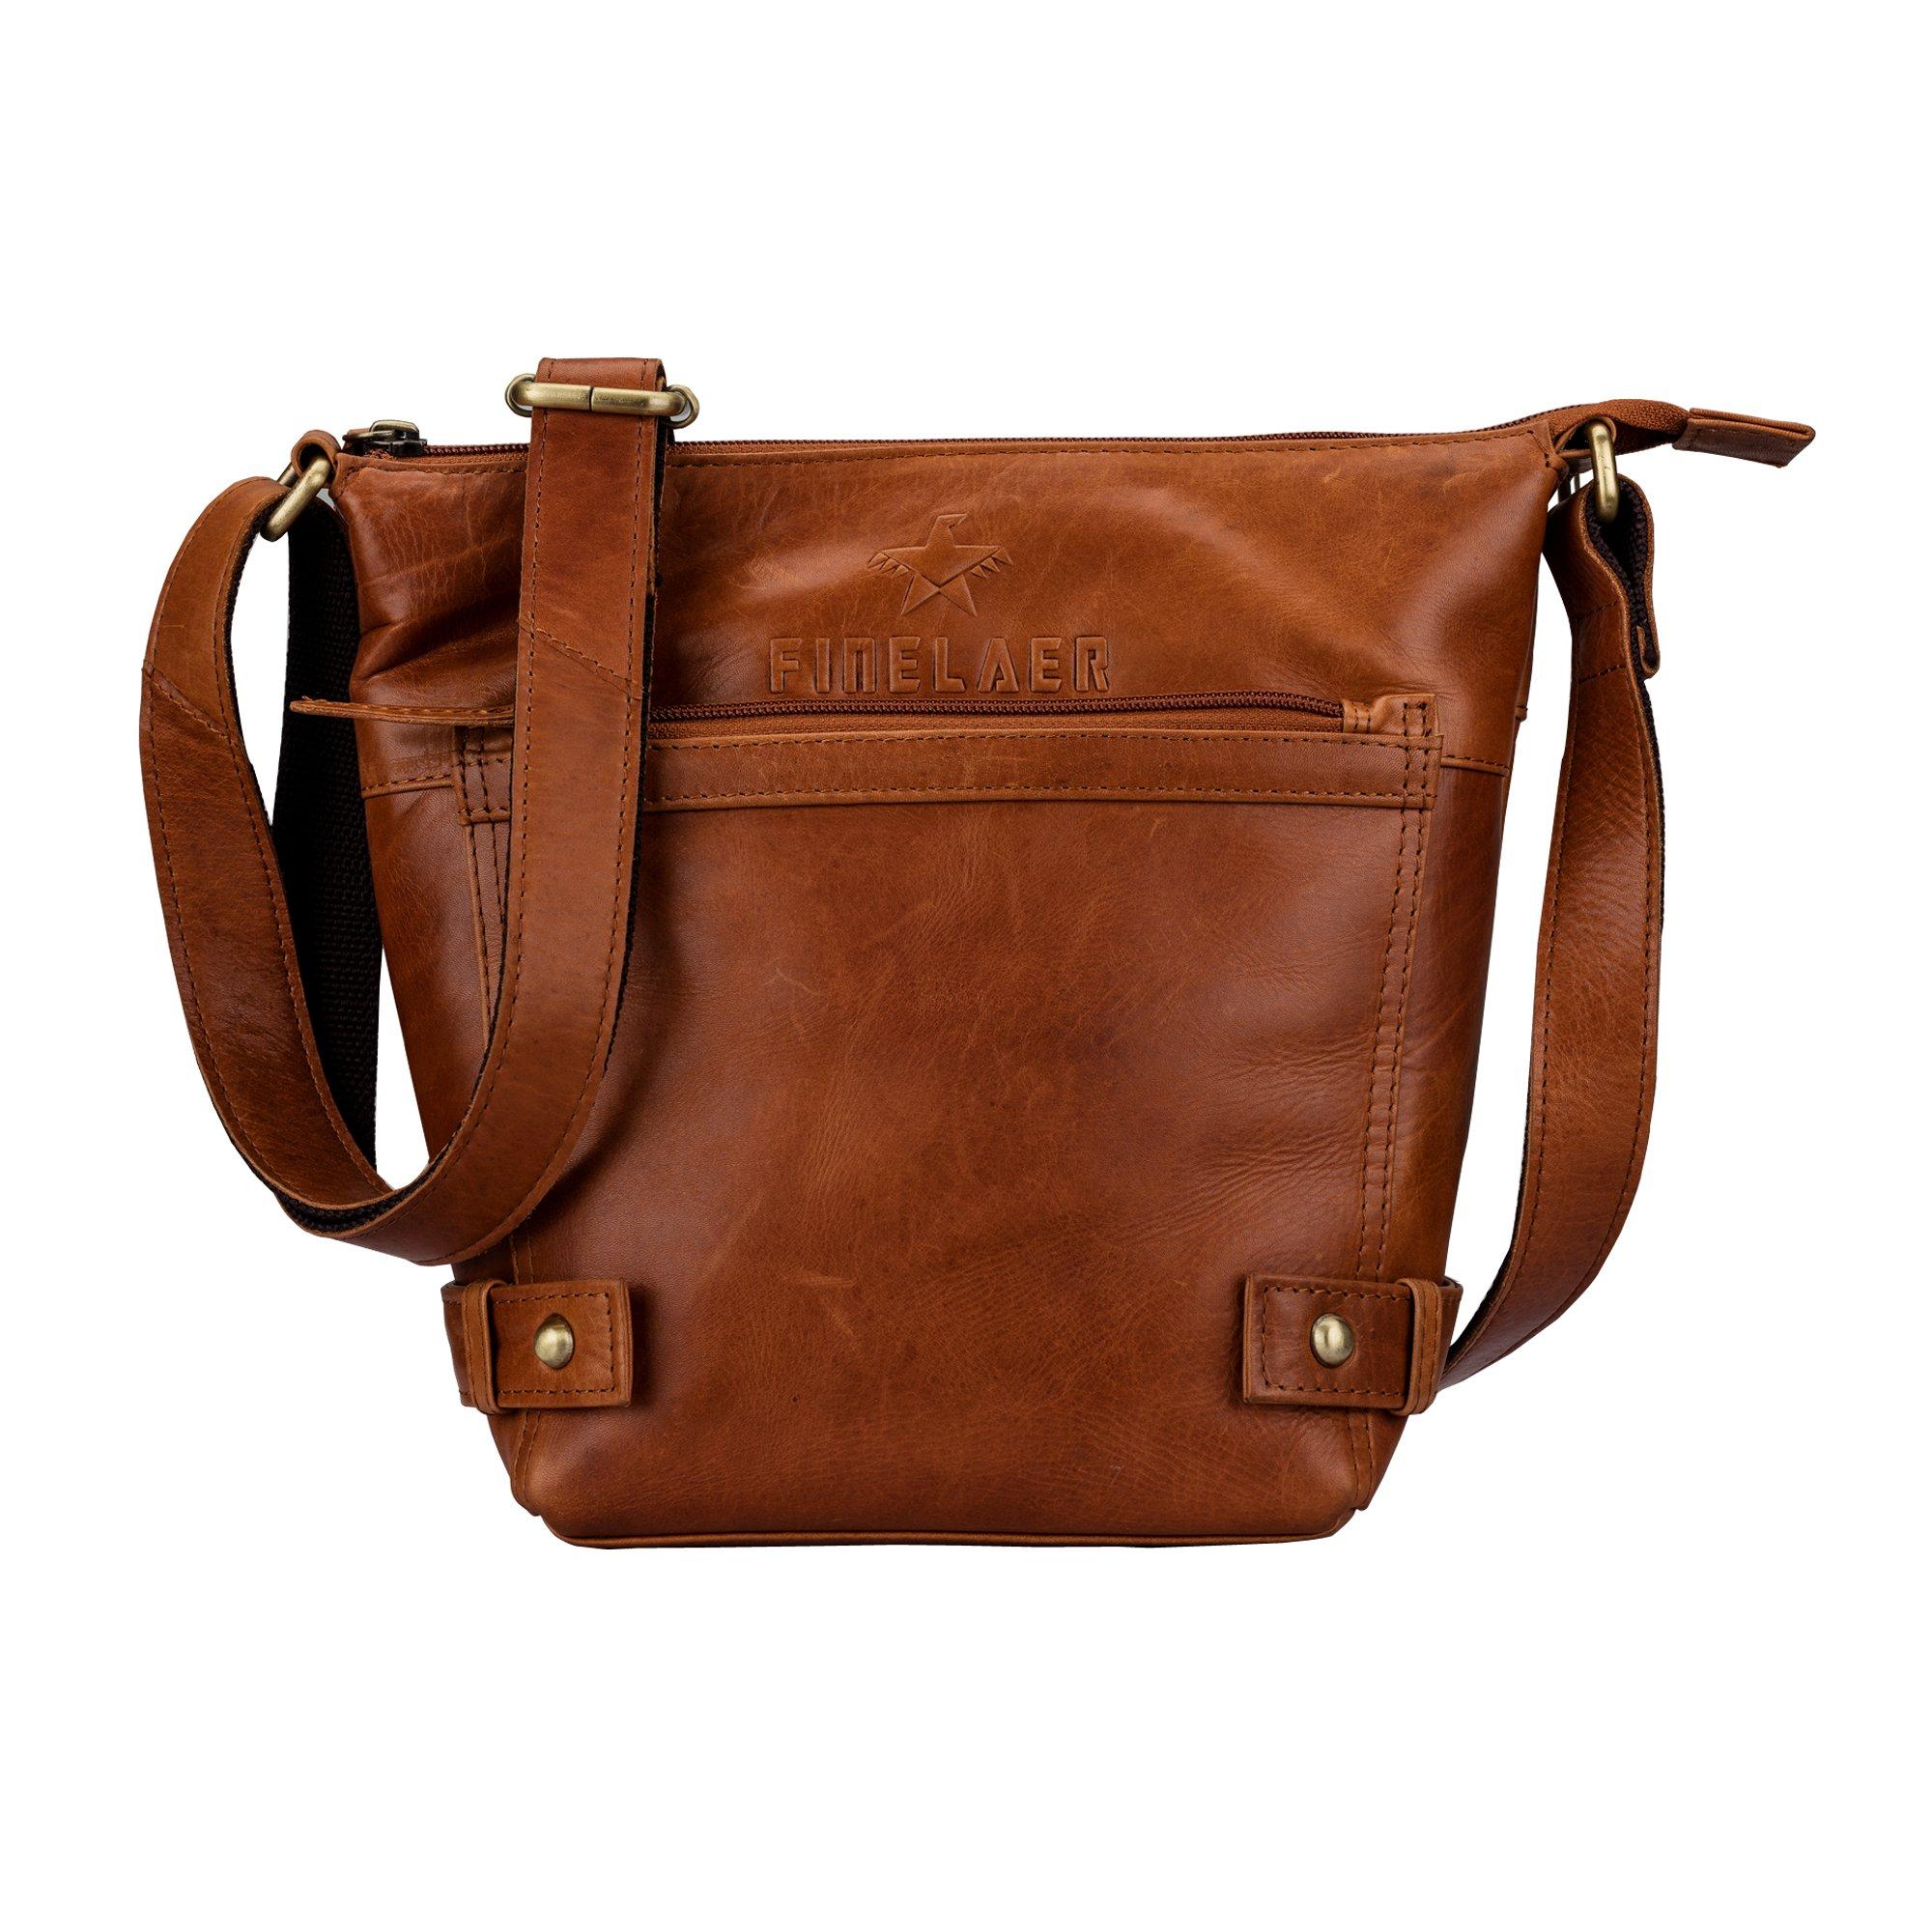 Women Vintage Leather Saddle Crossbody Bag Brown | Finelaer